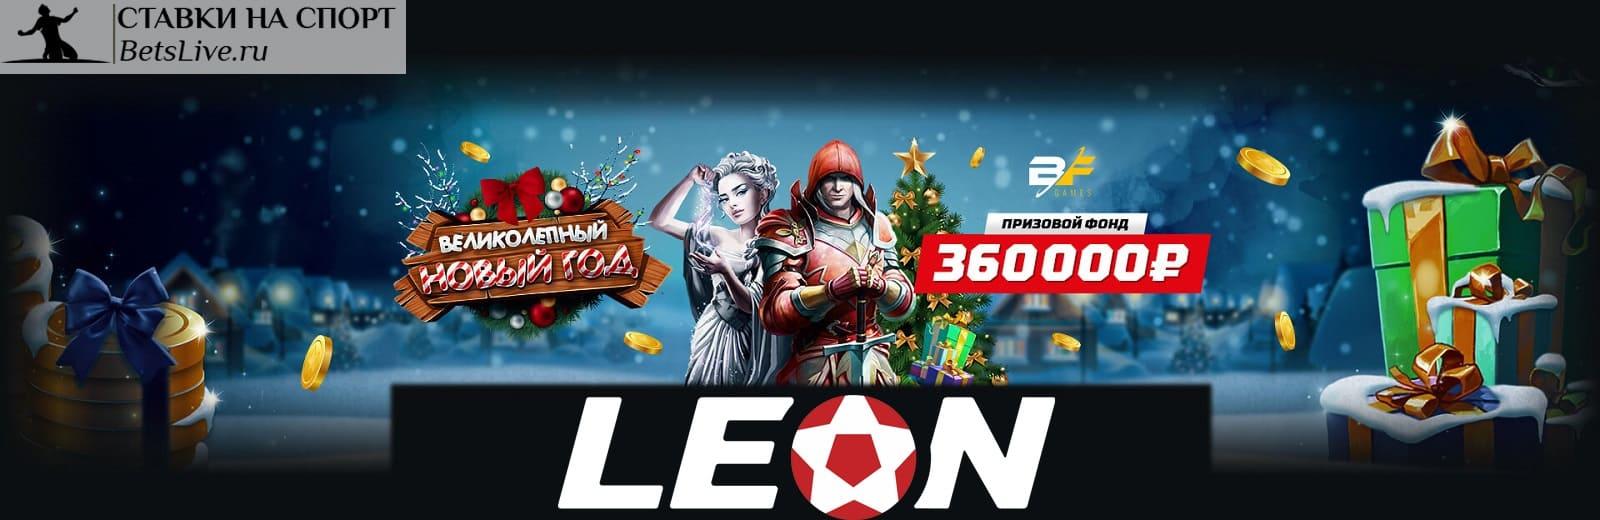 Великолепный Новый год Leonbets